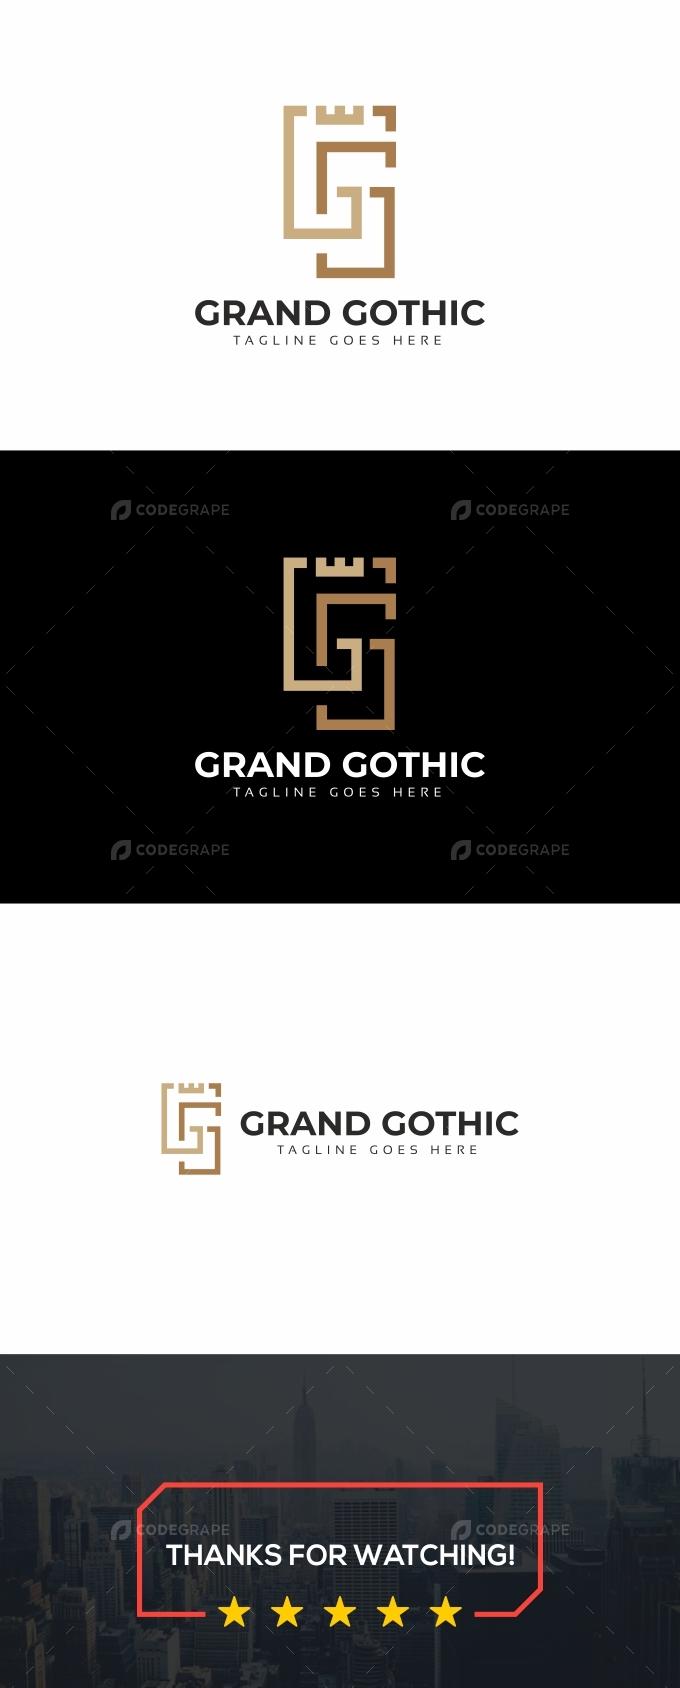 Grand Gothic GG Letter Logo